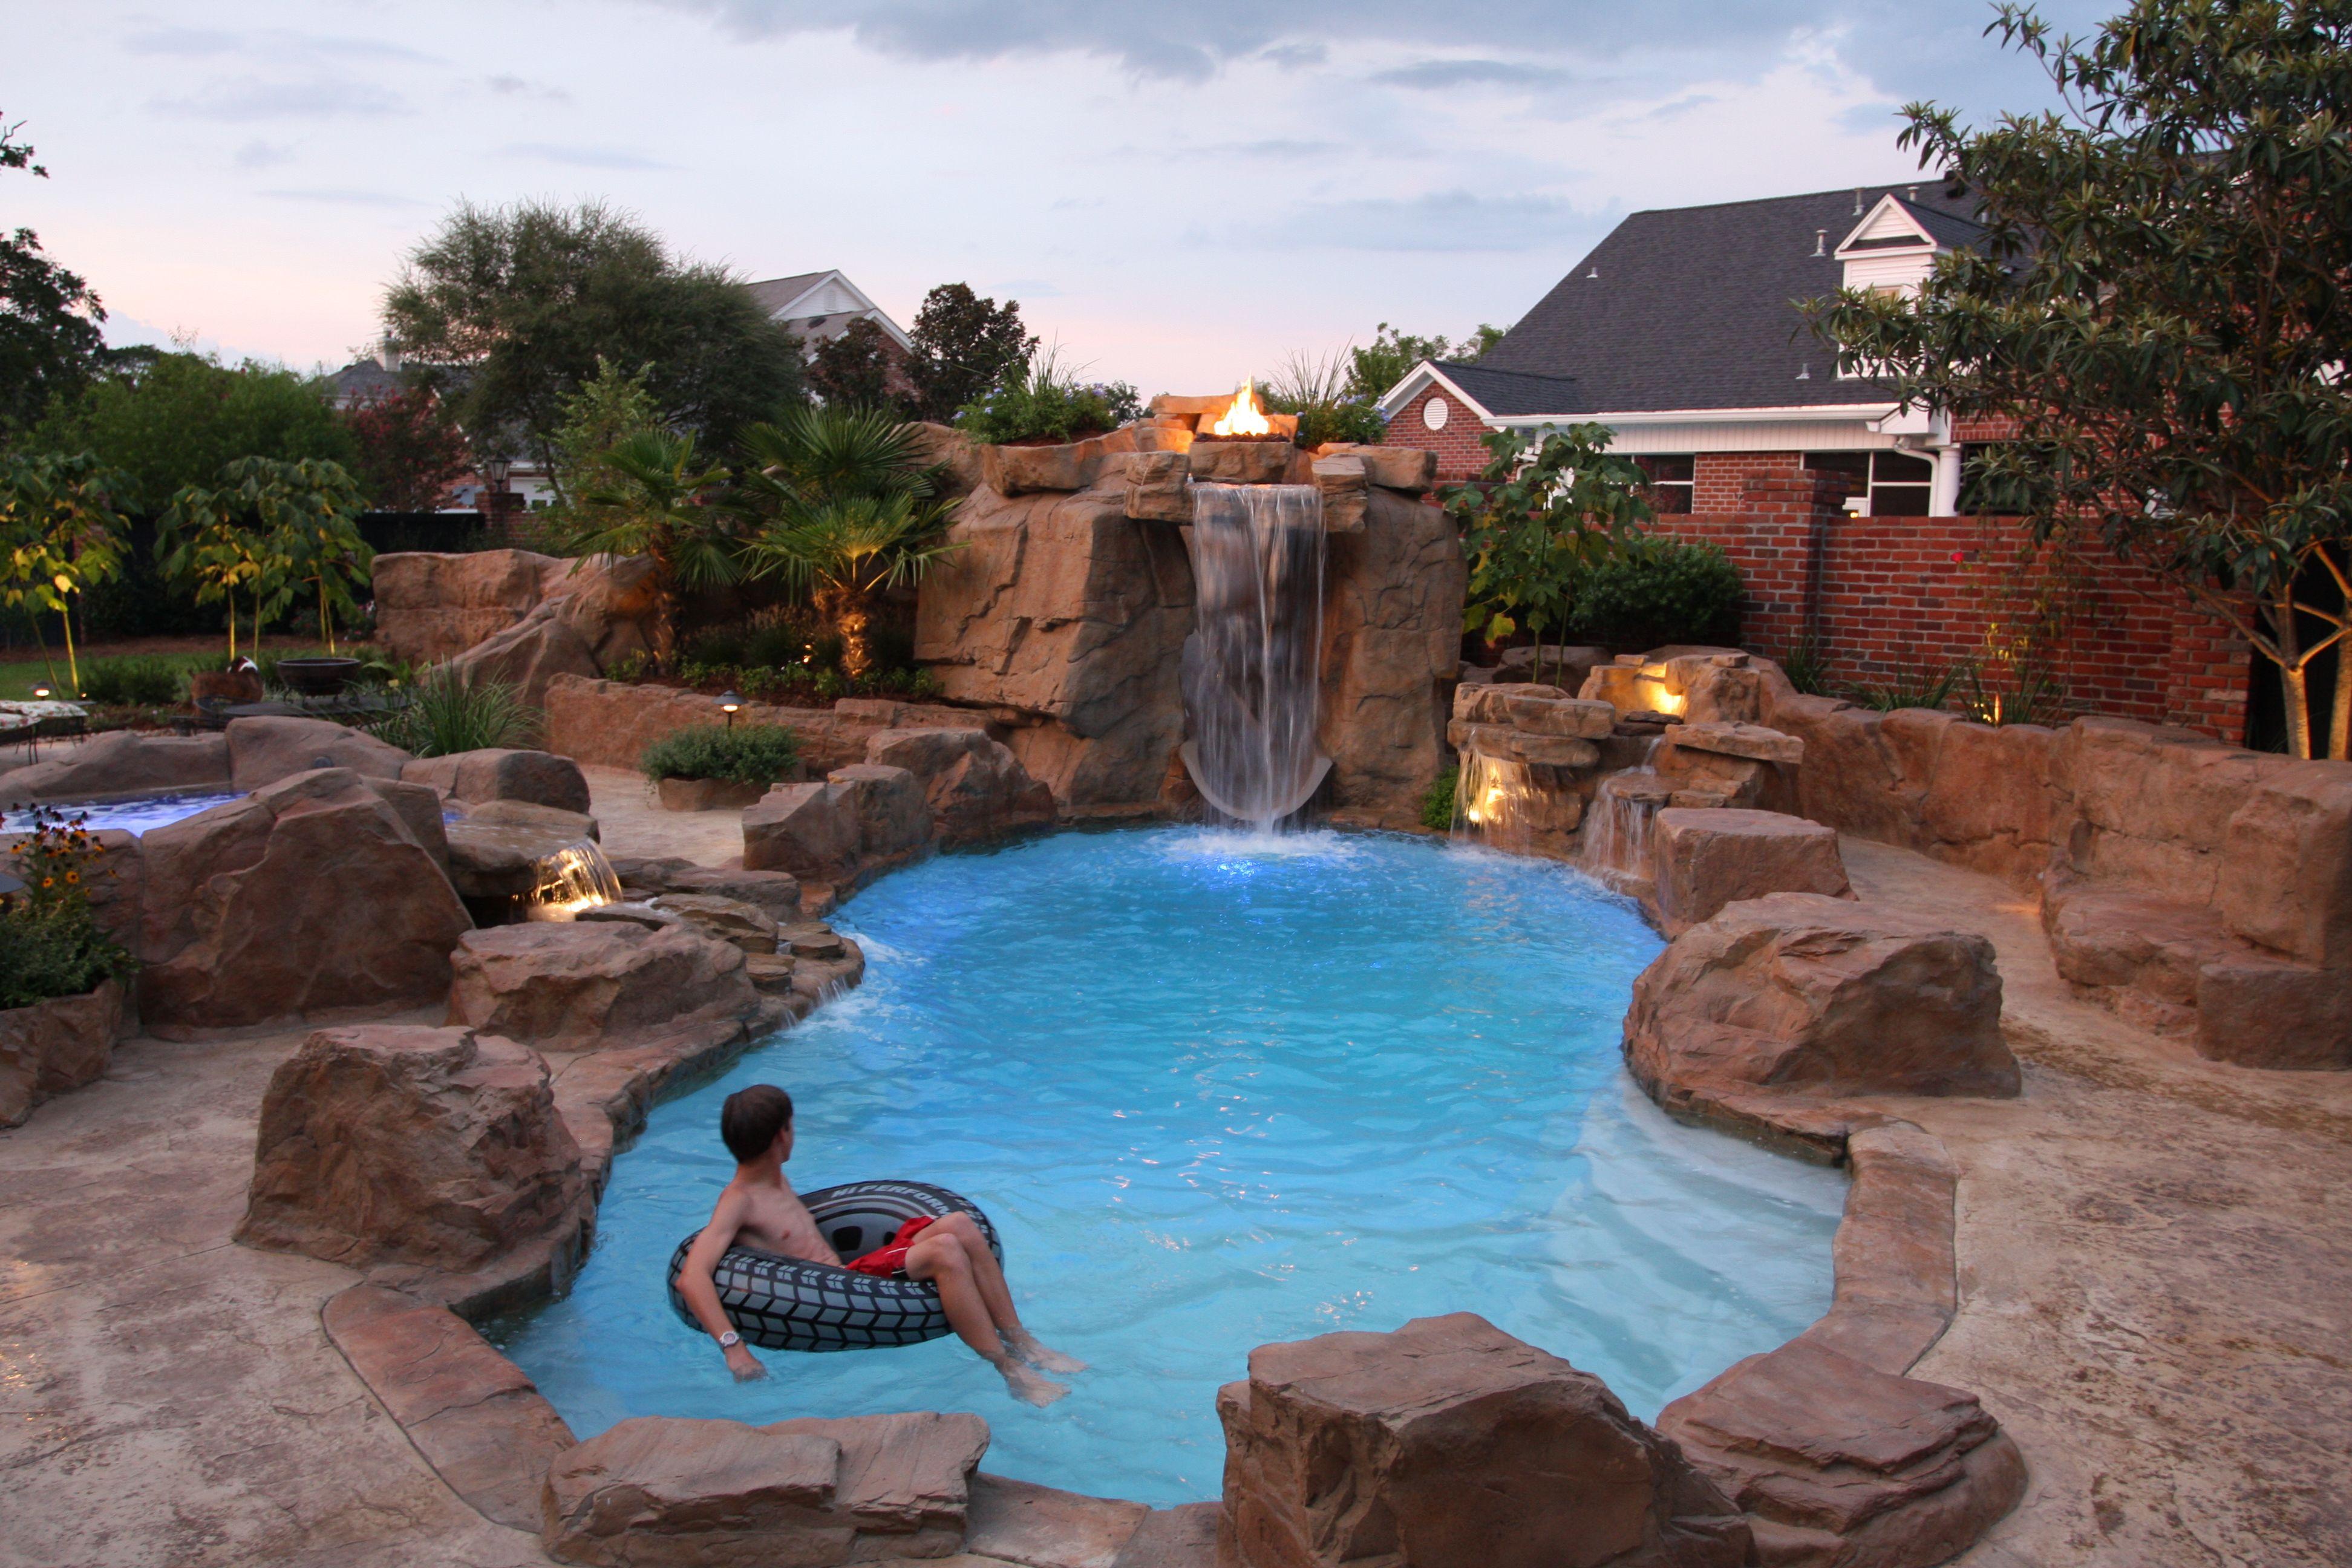 Inground Fiberglass Swimming Pool By Royal Fiberglass Pools, A Viking Pools  / Trilogy Pools Company